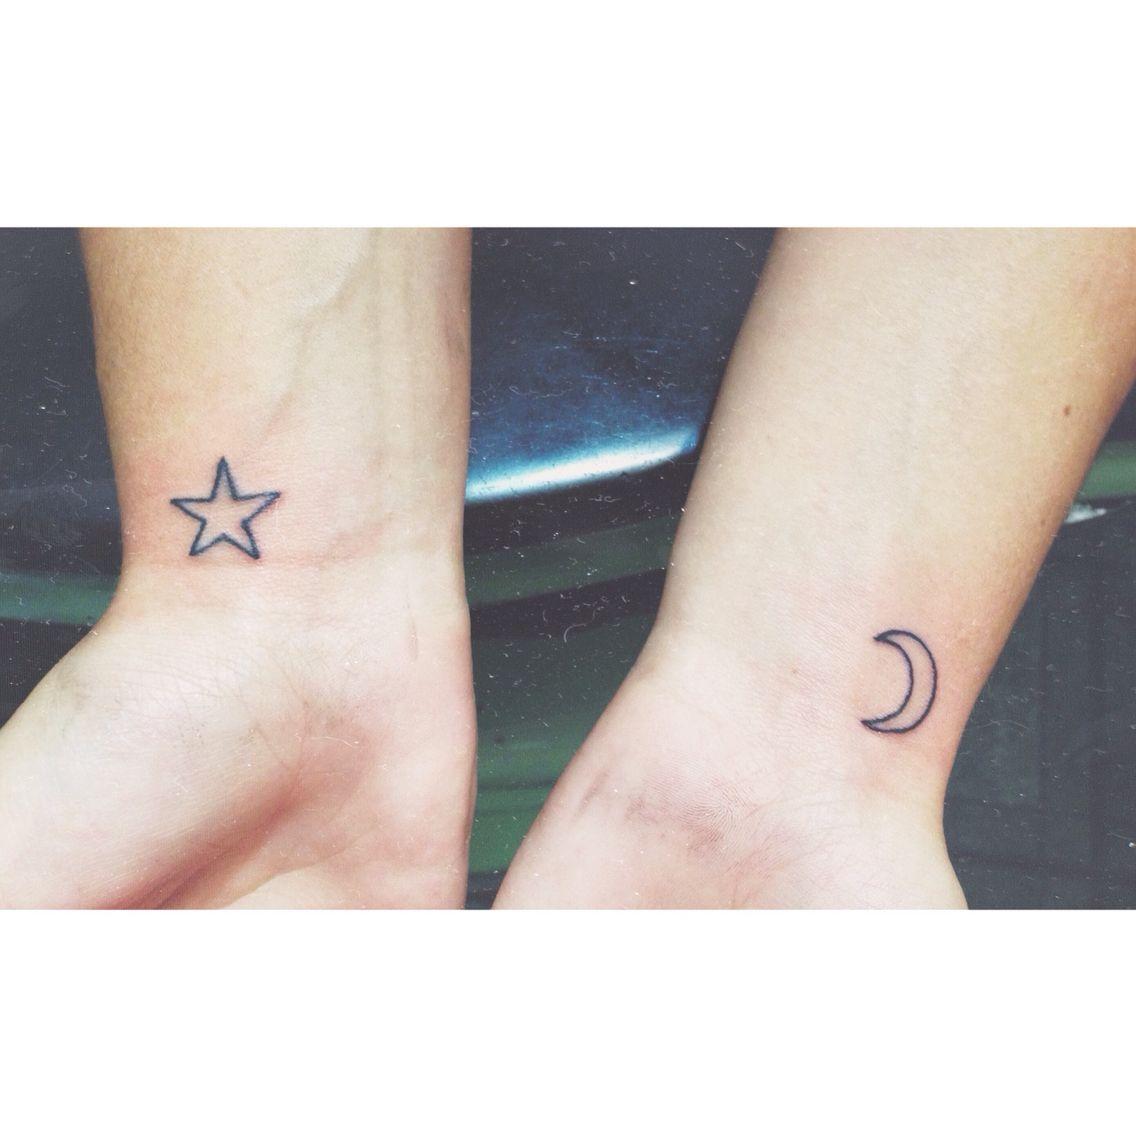 Small Moon And Star Tattoo On Wrist Star Tattoos Star Tattoo On Wrist Moon Star Tattoo